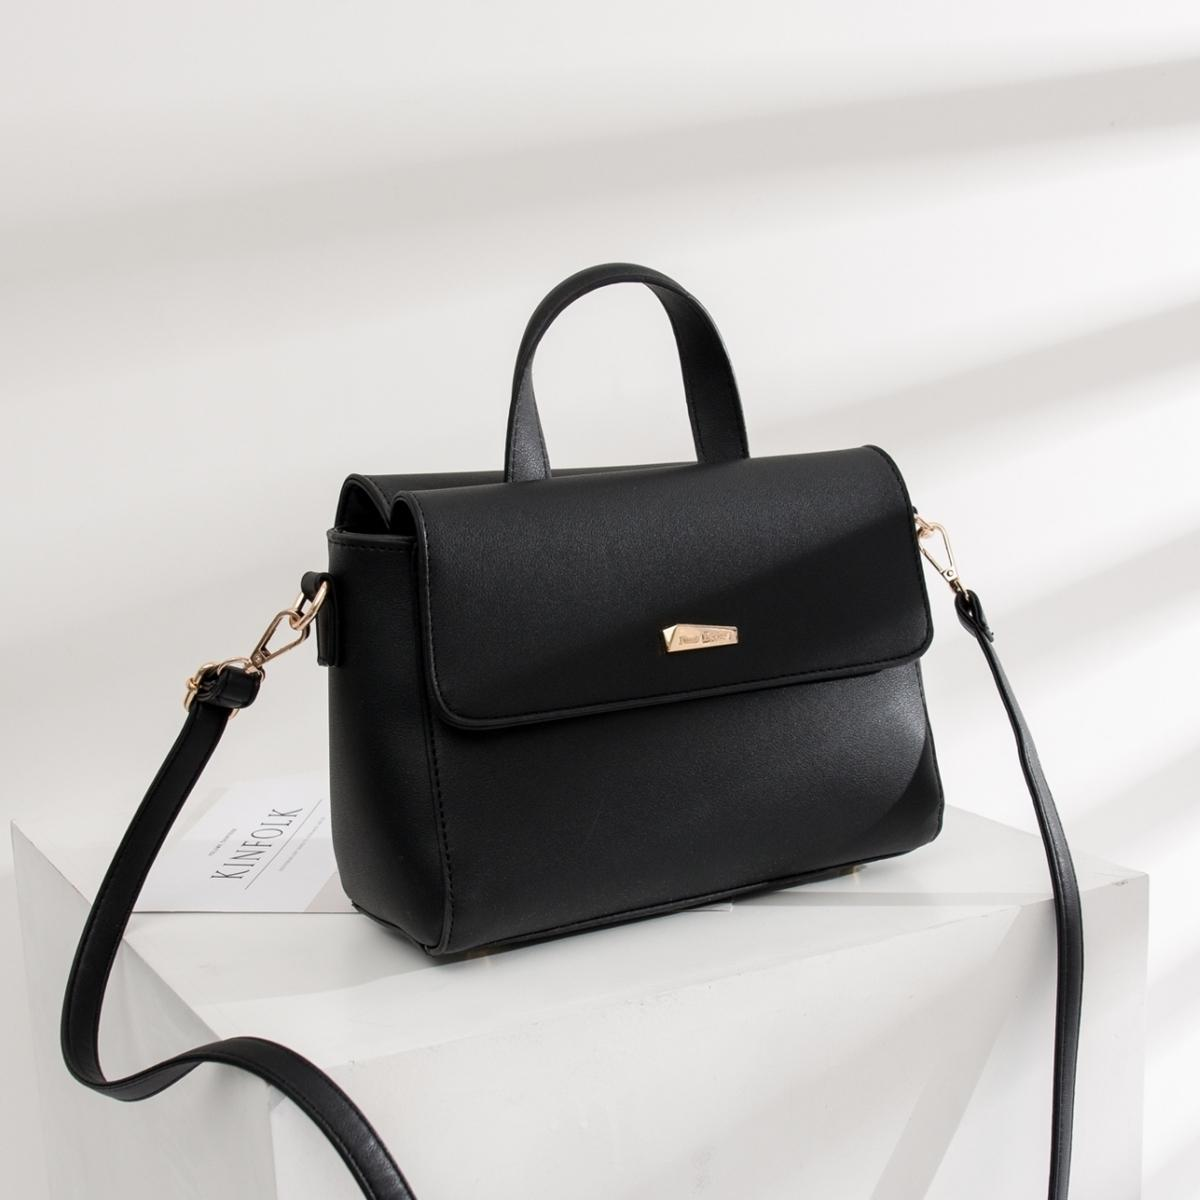 Jims Honey - Mona Bag - Tas Wanita Import - Tas Fashion Wanita Tote Bag Ukuran